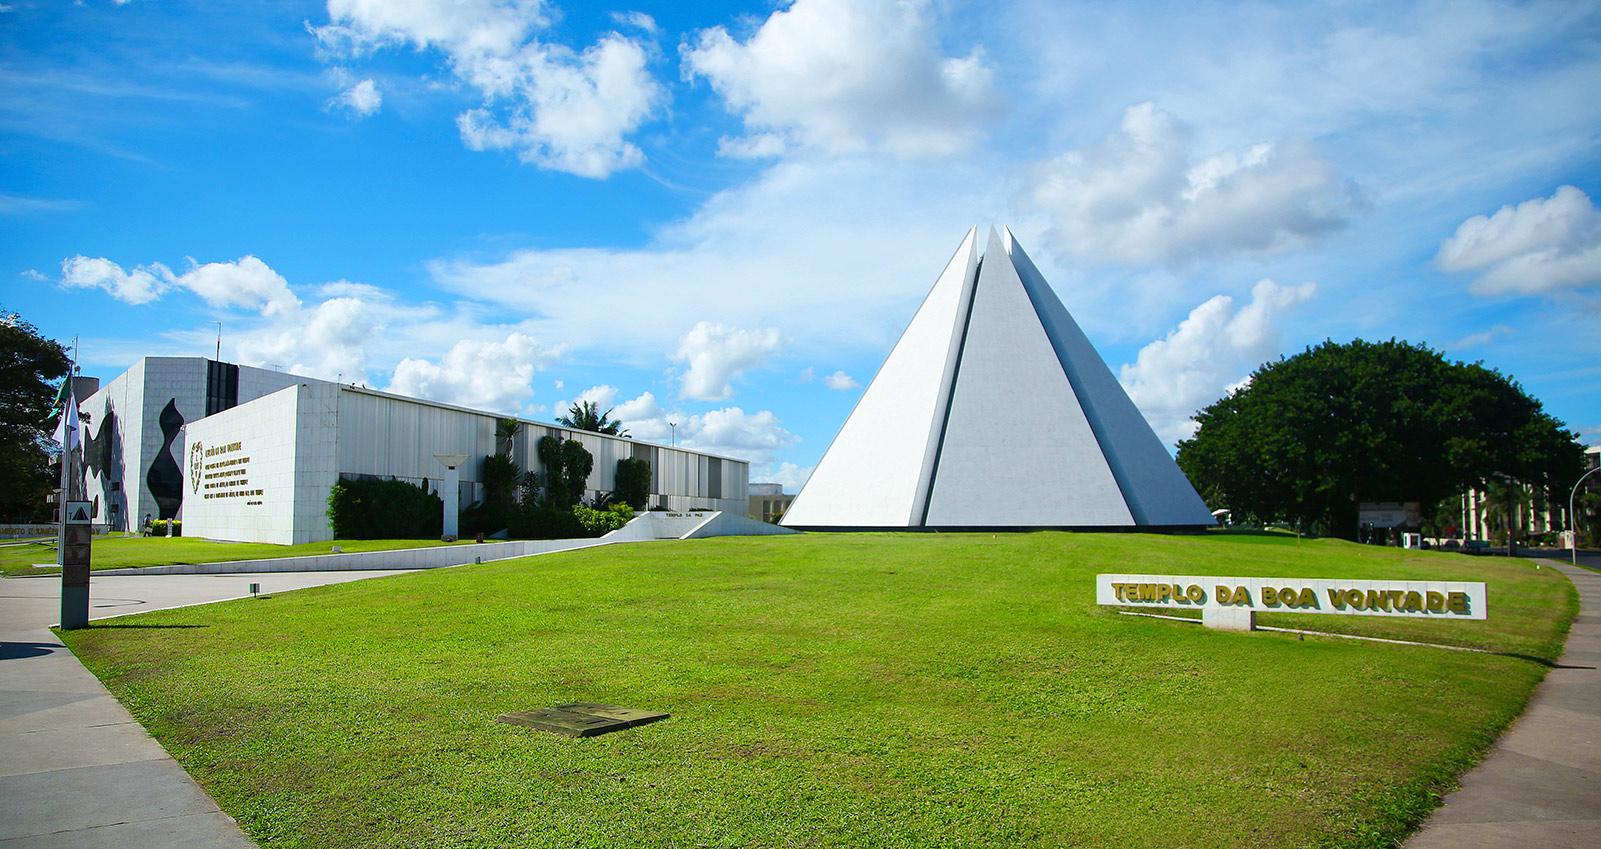 Templo da Boa Vontade, em Brasília, DF - Sede Espiritual da Religião de Deus, do Cristo e do Espírito Santo.